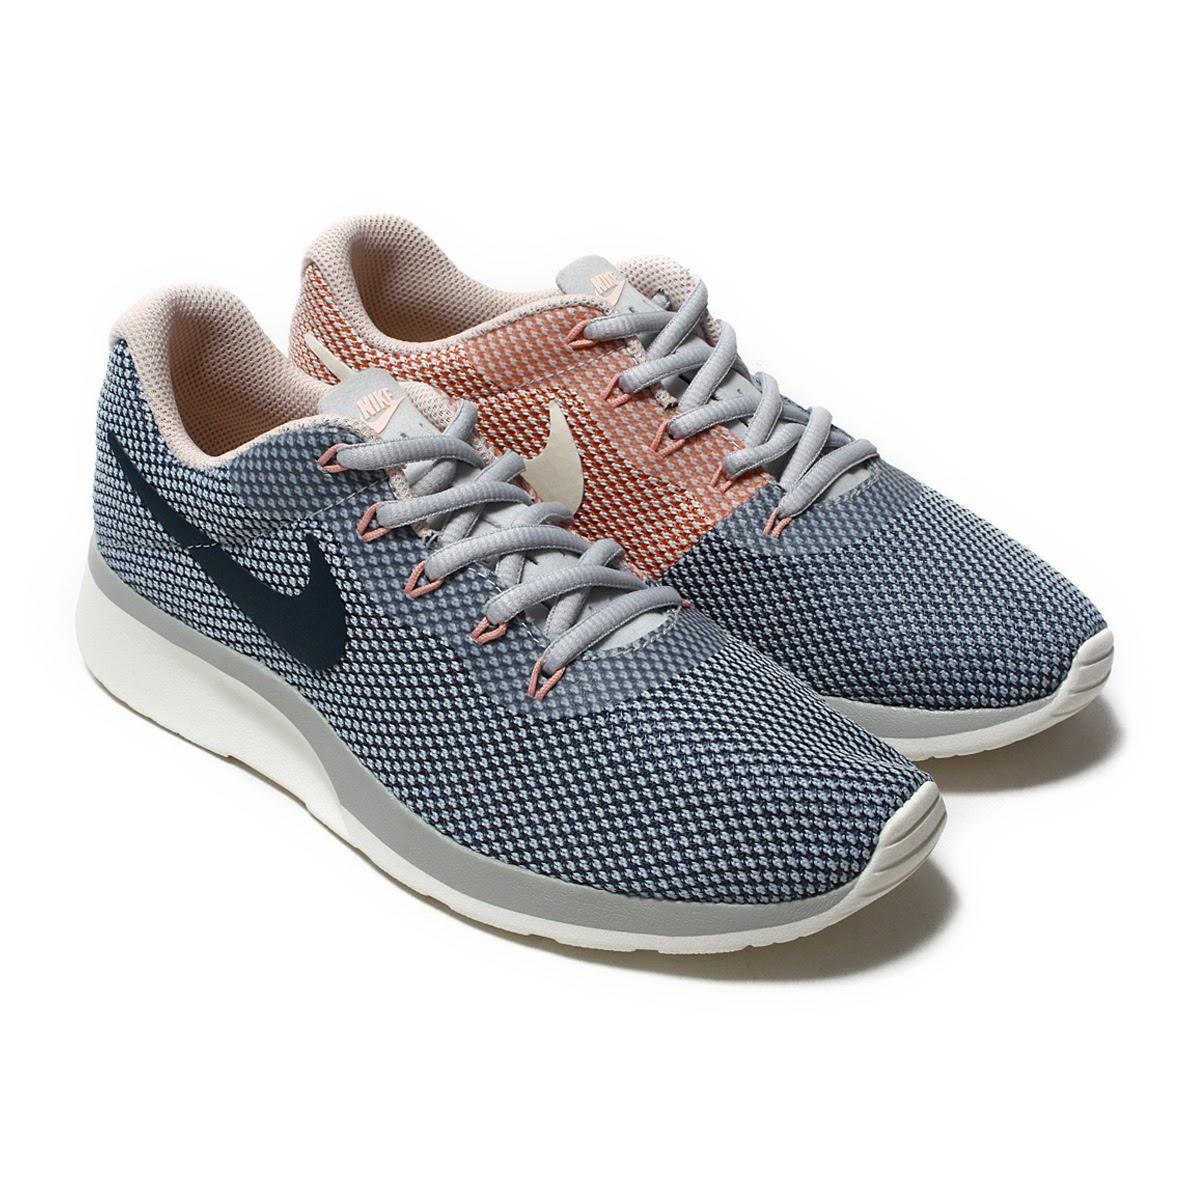 nike tanjun racer women's running shoes